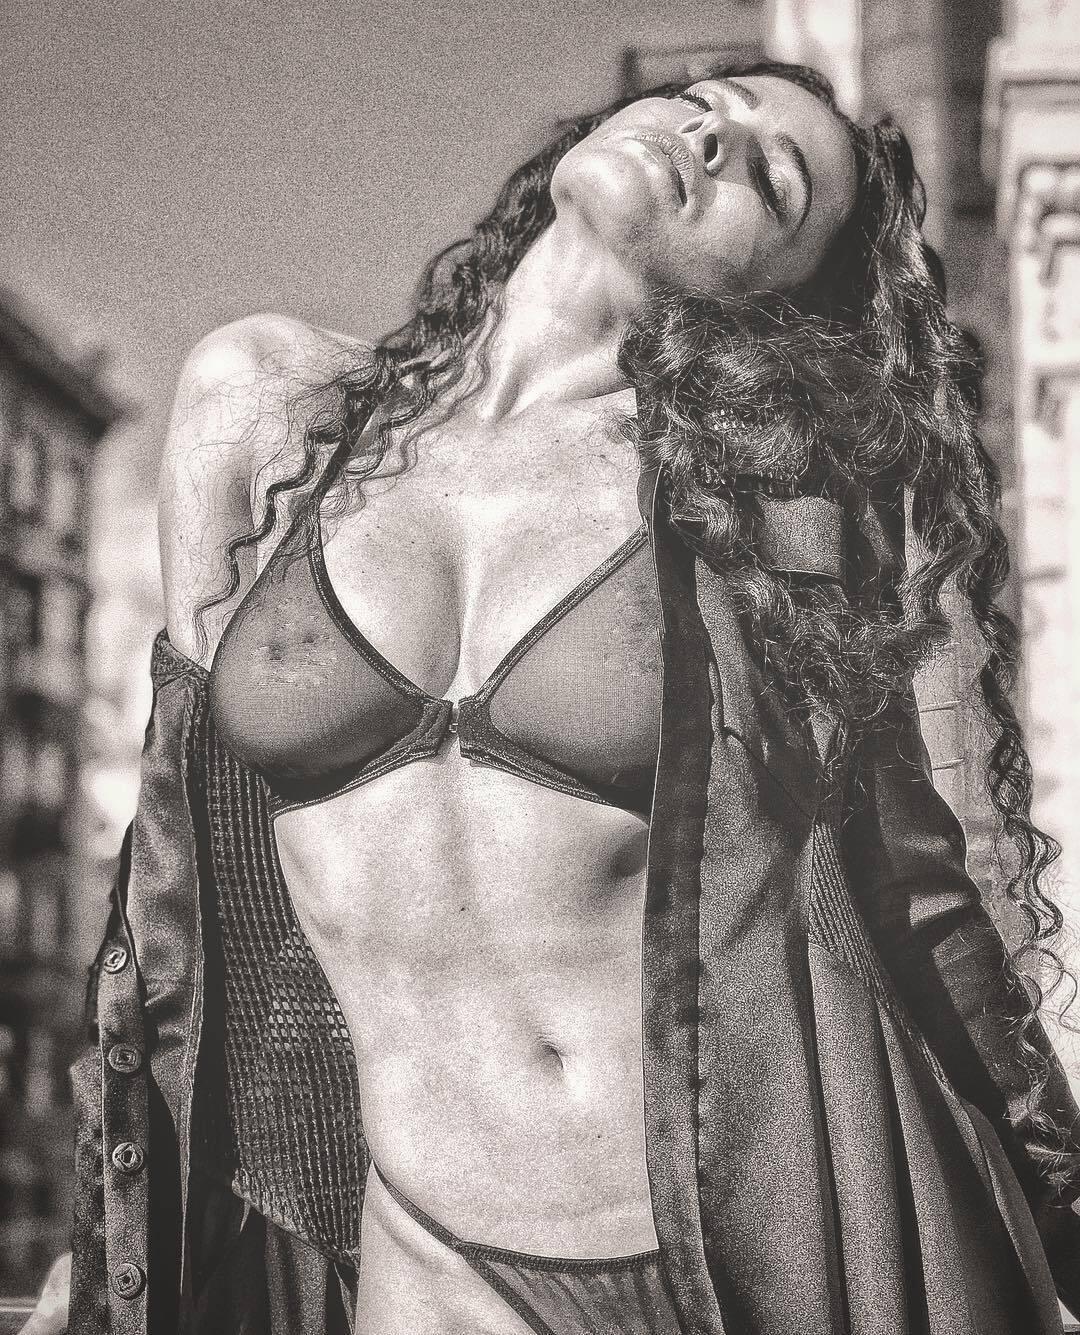 Даша Астаф'єва показала груди в прозорій білизні: фото 18+